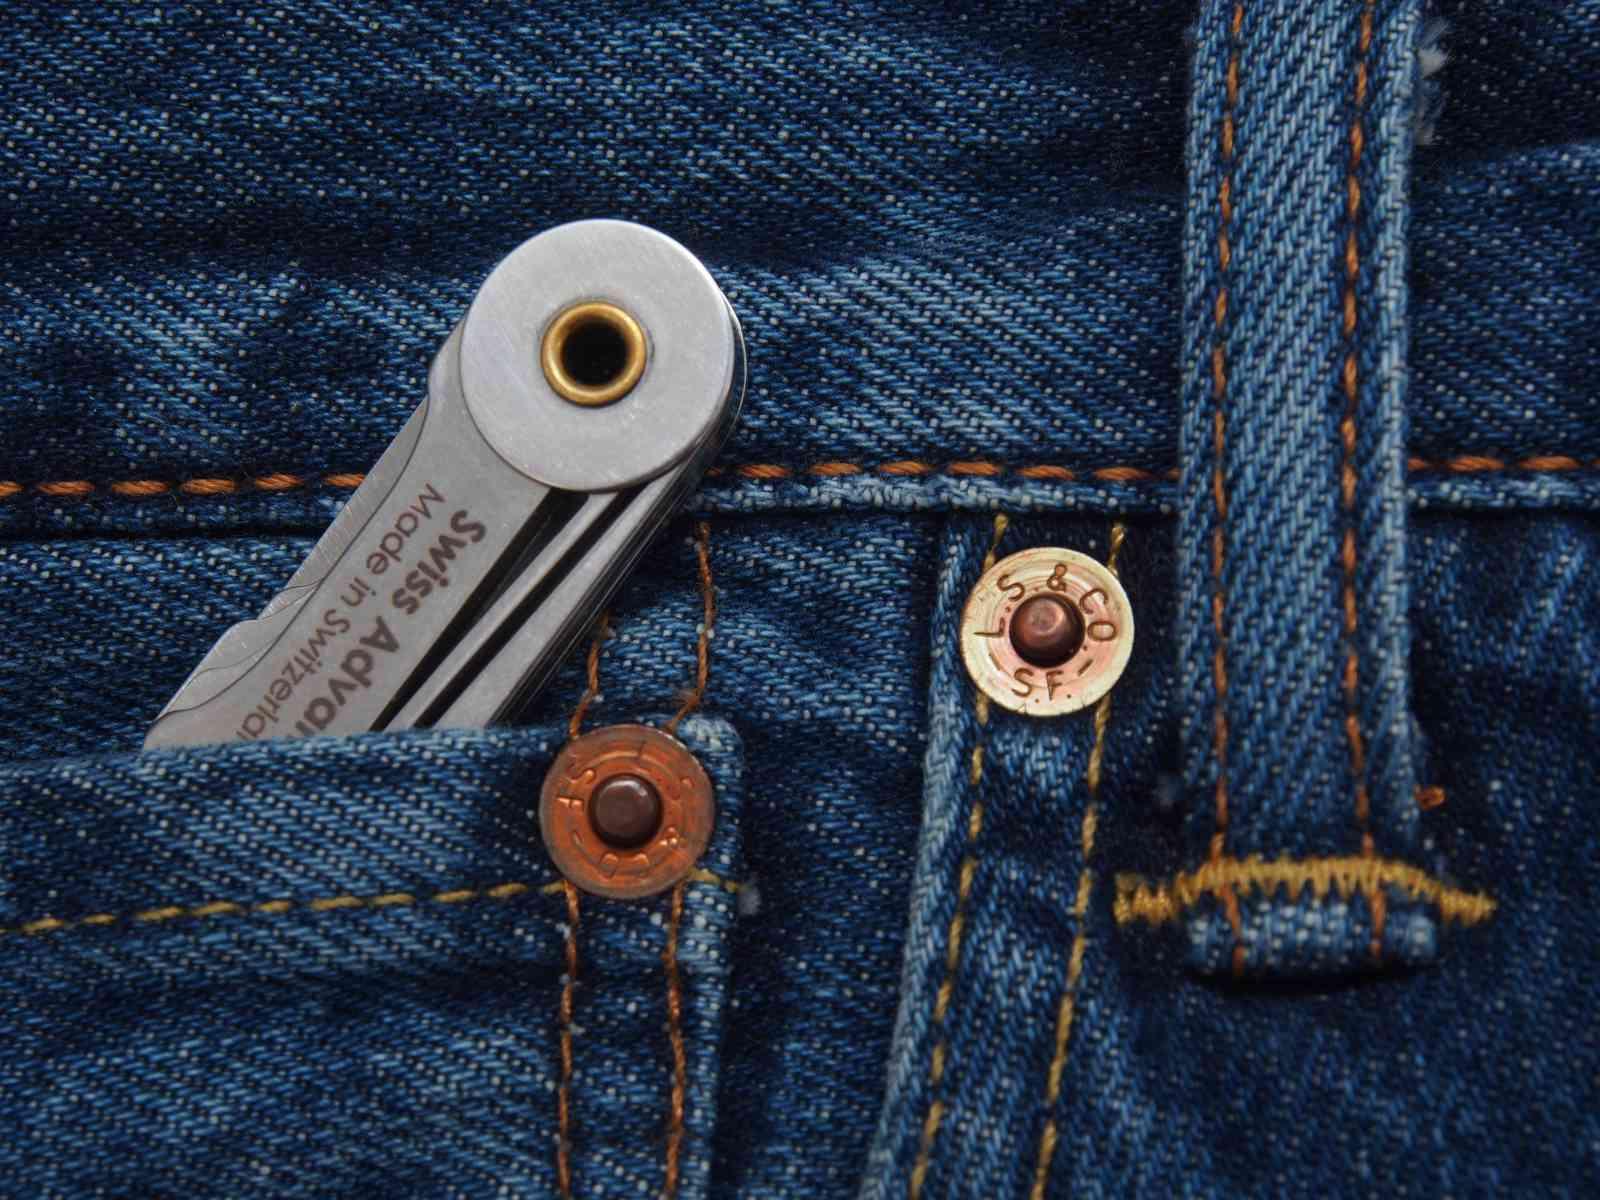 Swiss Advance Taschenmesser - Passt in die kleinste Tasche